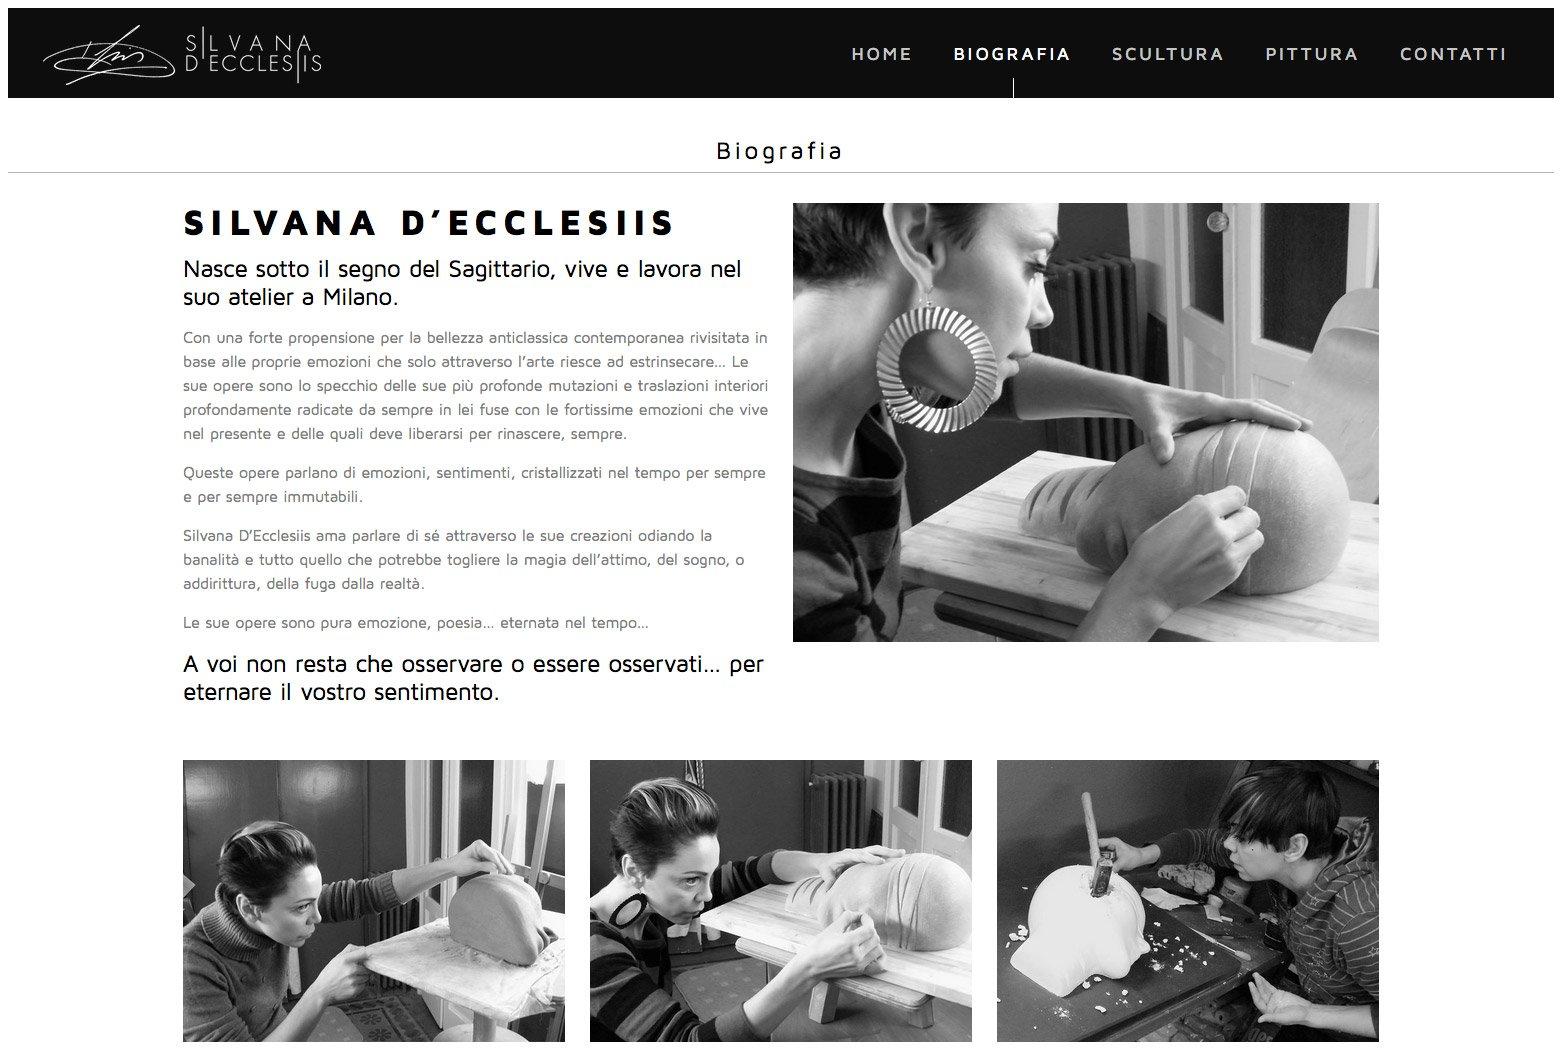 sito-Silvana-dEcclesiis-bio